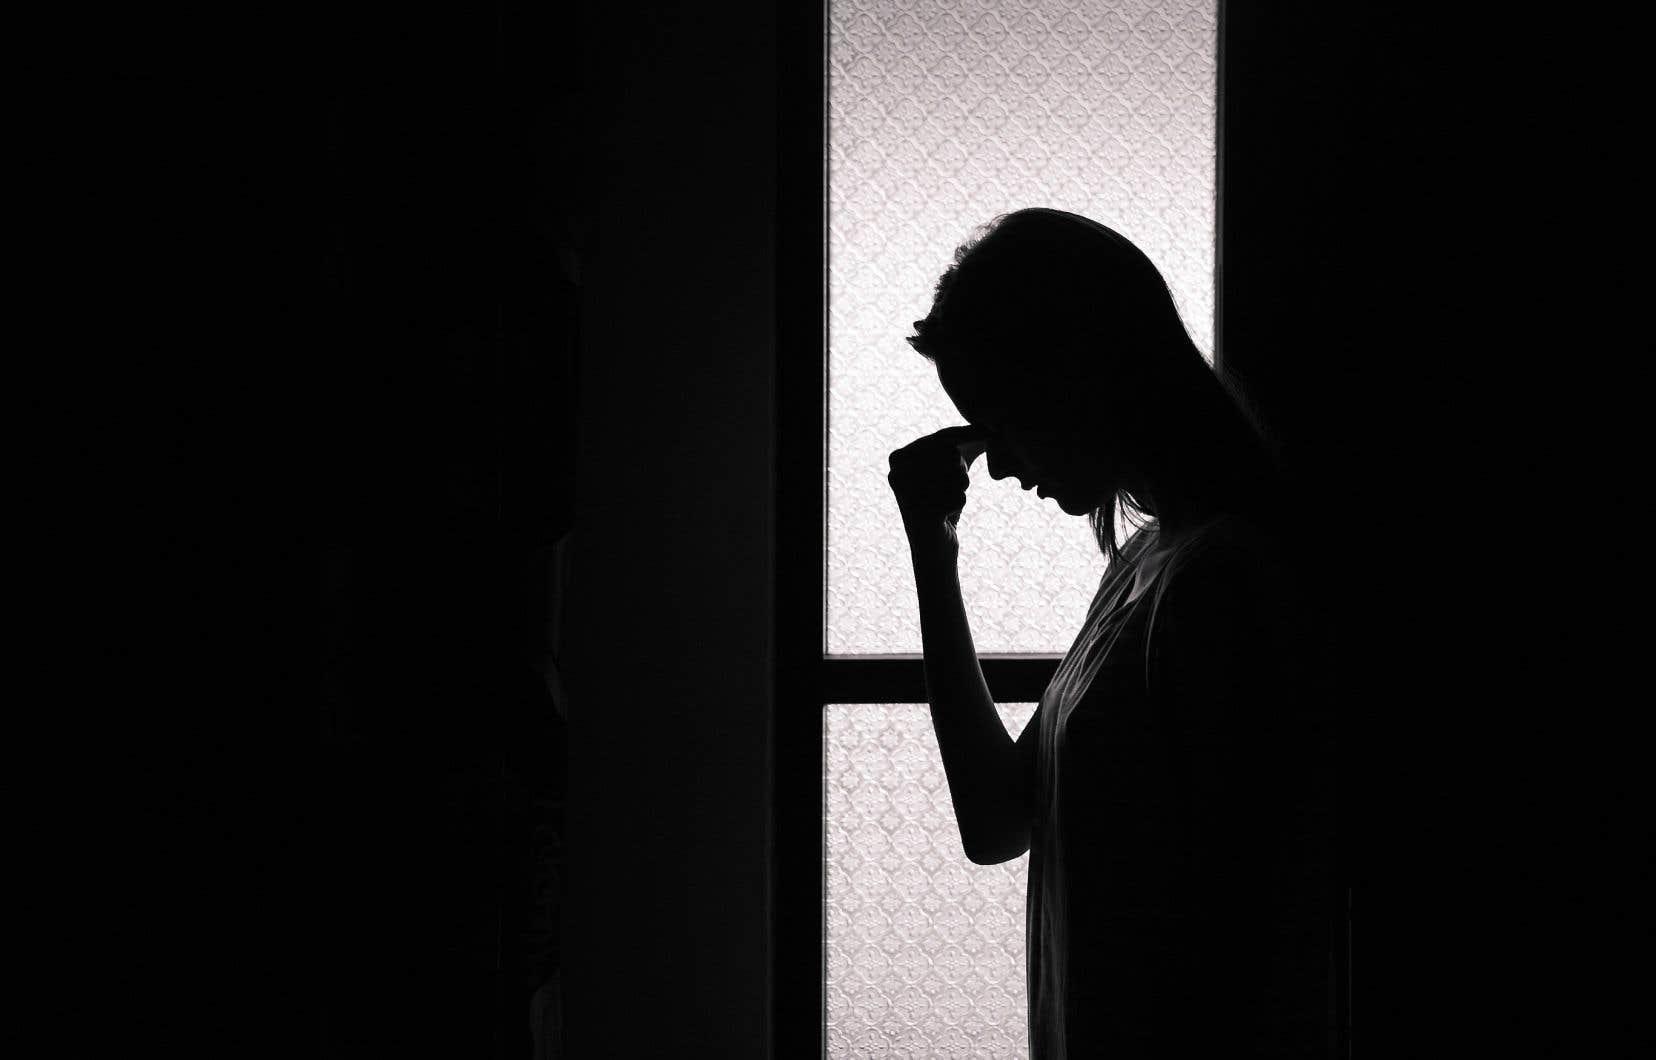 La mission première des organismes qui dispensent des programmes pour conjoints violents devrait être d'assurer la sécurité des femmes et des enfants.